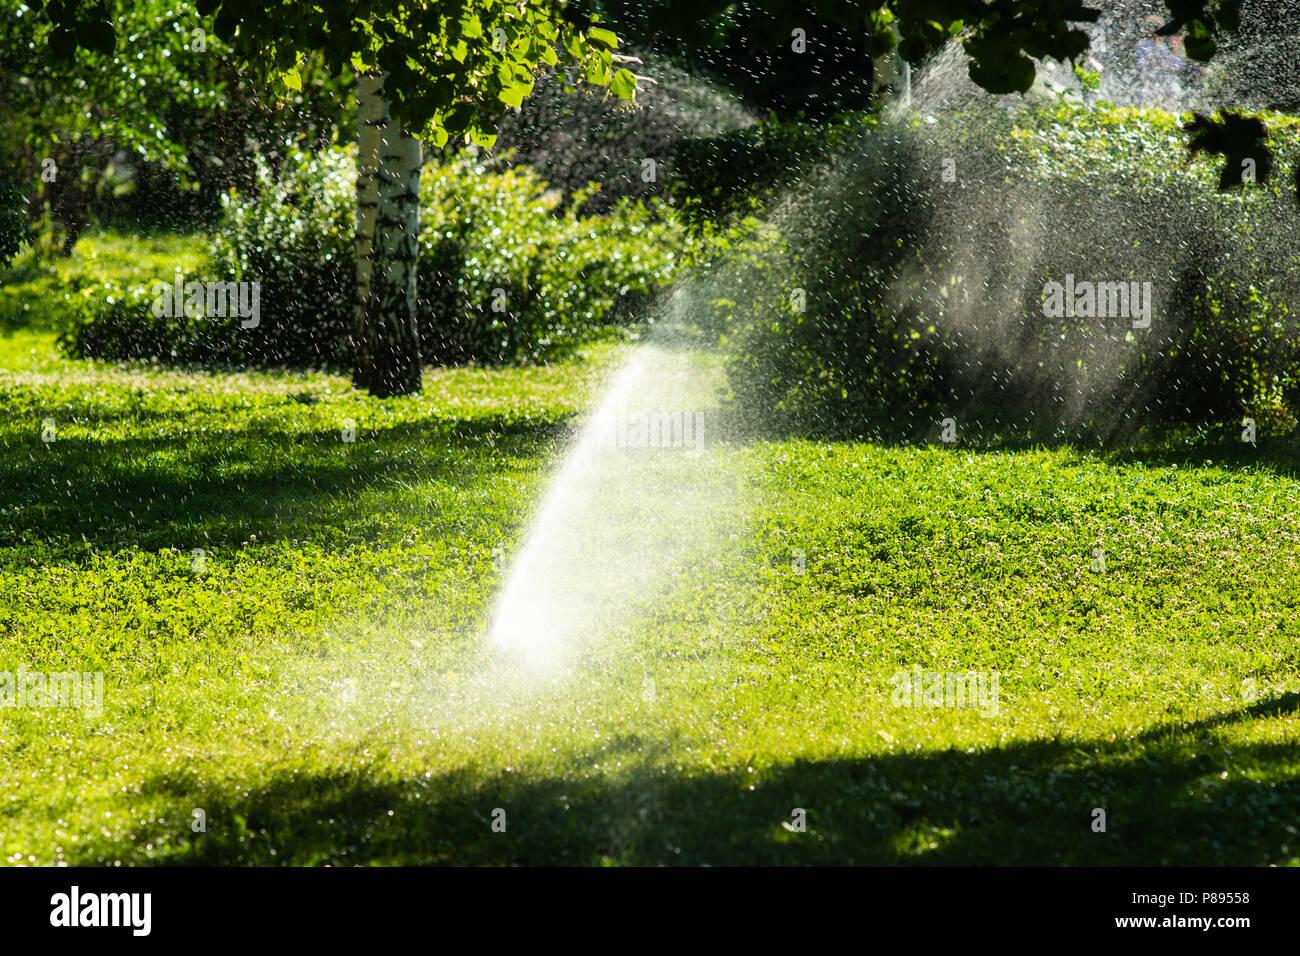 Automatische Bewasserung Sprinkleranlage Im Garten An Einem Heissen